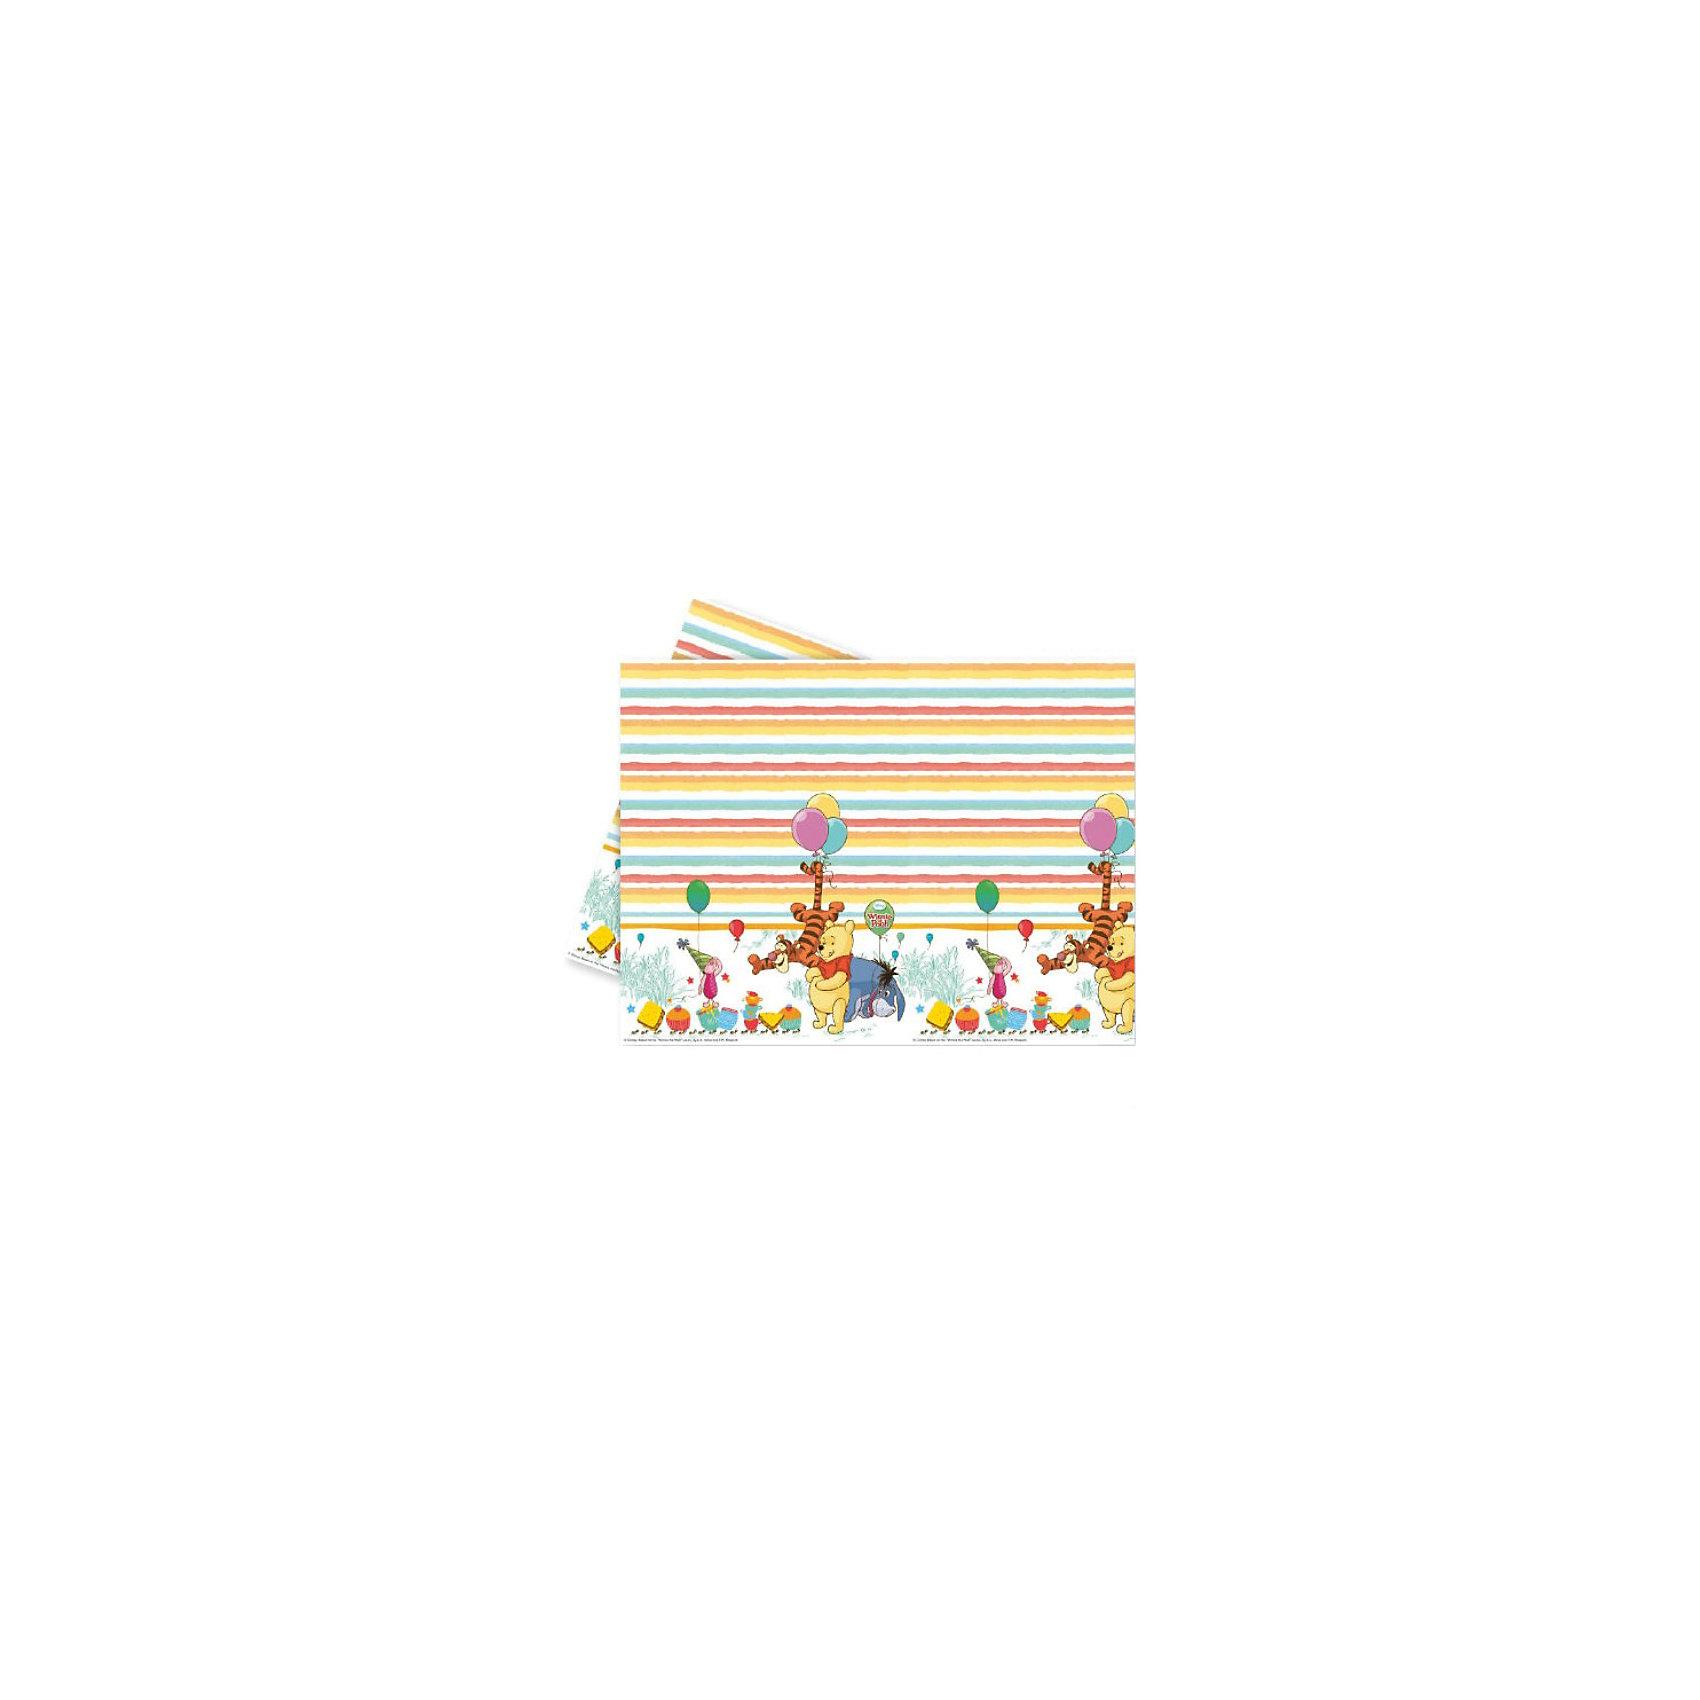 Скатерть  Винни и Хрюня, 120x180 смСалфетки и скатерти<br>Скатерть  Винни и Хрюня 120x180 см.<br>Одноразовая скатерть незаменима, если вы собираетесь отмечать детский день рождения. Маленькие гости часто бывают неосторожны, и чтобы не переживать за фамильную белоснежную скатерть, на которой обязательно останутся пятна после торжества, воспользуйтесь одноразовой. Тем более что на скатерти Винни-Пух и Пятачок изображены чудесные герои доброго мультсериала, любимого и детьми, и взрослыми. Медвежонок и поросенок понравятся вашим гостям и помогут создать уютную и веселую атмосферу во время праздника.  <br>Скатерть изготовлена греческим брендом Procos, хорошо зарекомендовавшим себя на протяжение многих лет на рынке товаров для детского праздника. Размер товара: 120х180 см.<br><br><br>Дополнительная информация:<br><br>10х200х360 мм<br><br>Поднимет настроение всей компании Вашего малыша!<br>Легко приобрести в нашем интернет-магазине!<br><br>Ширина мм: 10<br>Глубина мм: 200<br>Высота мм: 360<br>Вес г: 112<br>Возраст от месяцев: 36<br>Возраст до месяцев: 84<br>Пол: Унисекс<br>Возраст: Детский<br>SKU: 3360086